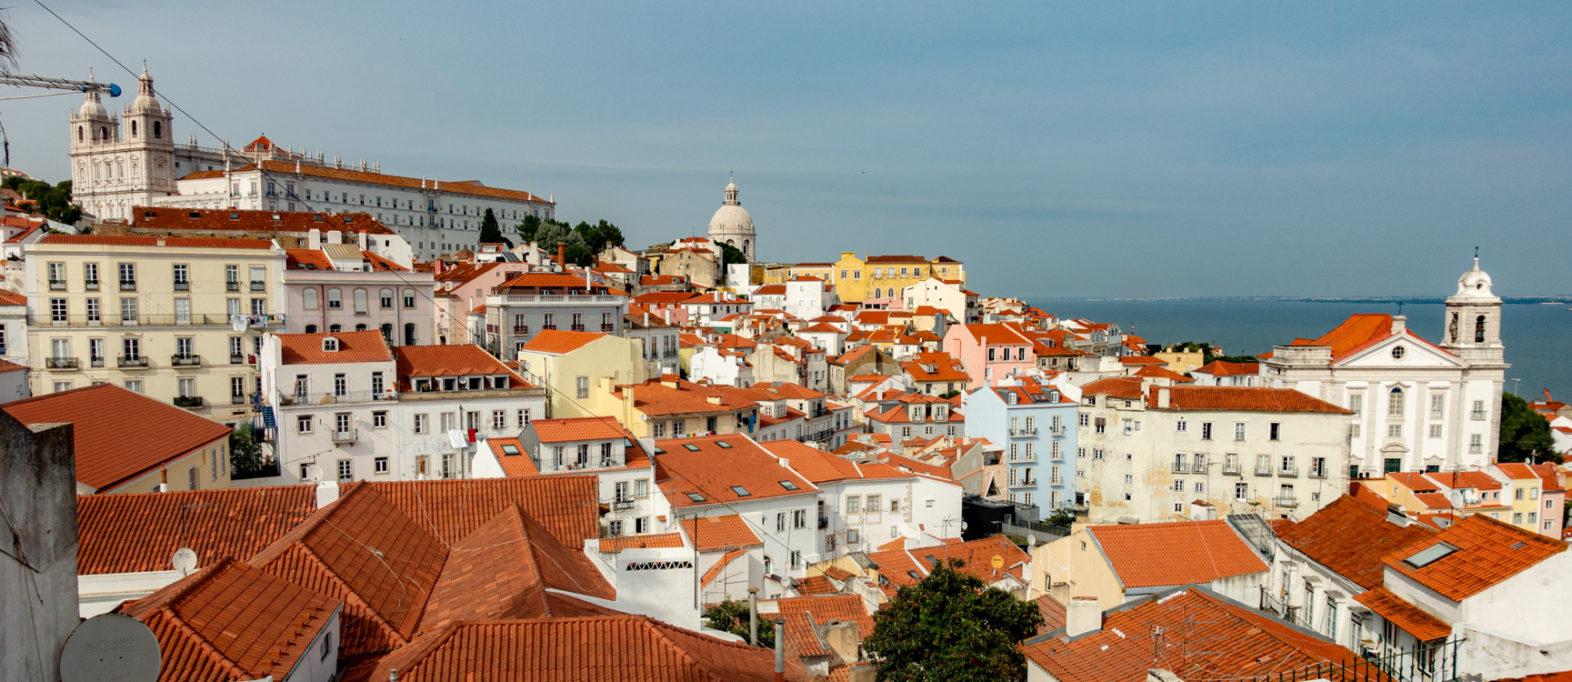 lissabon-sehenswuerdigkeiten-panorama-view